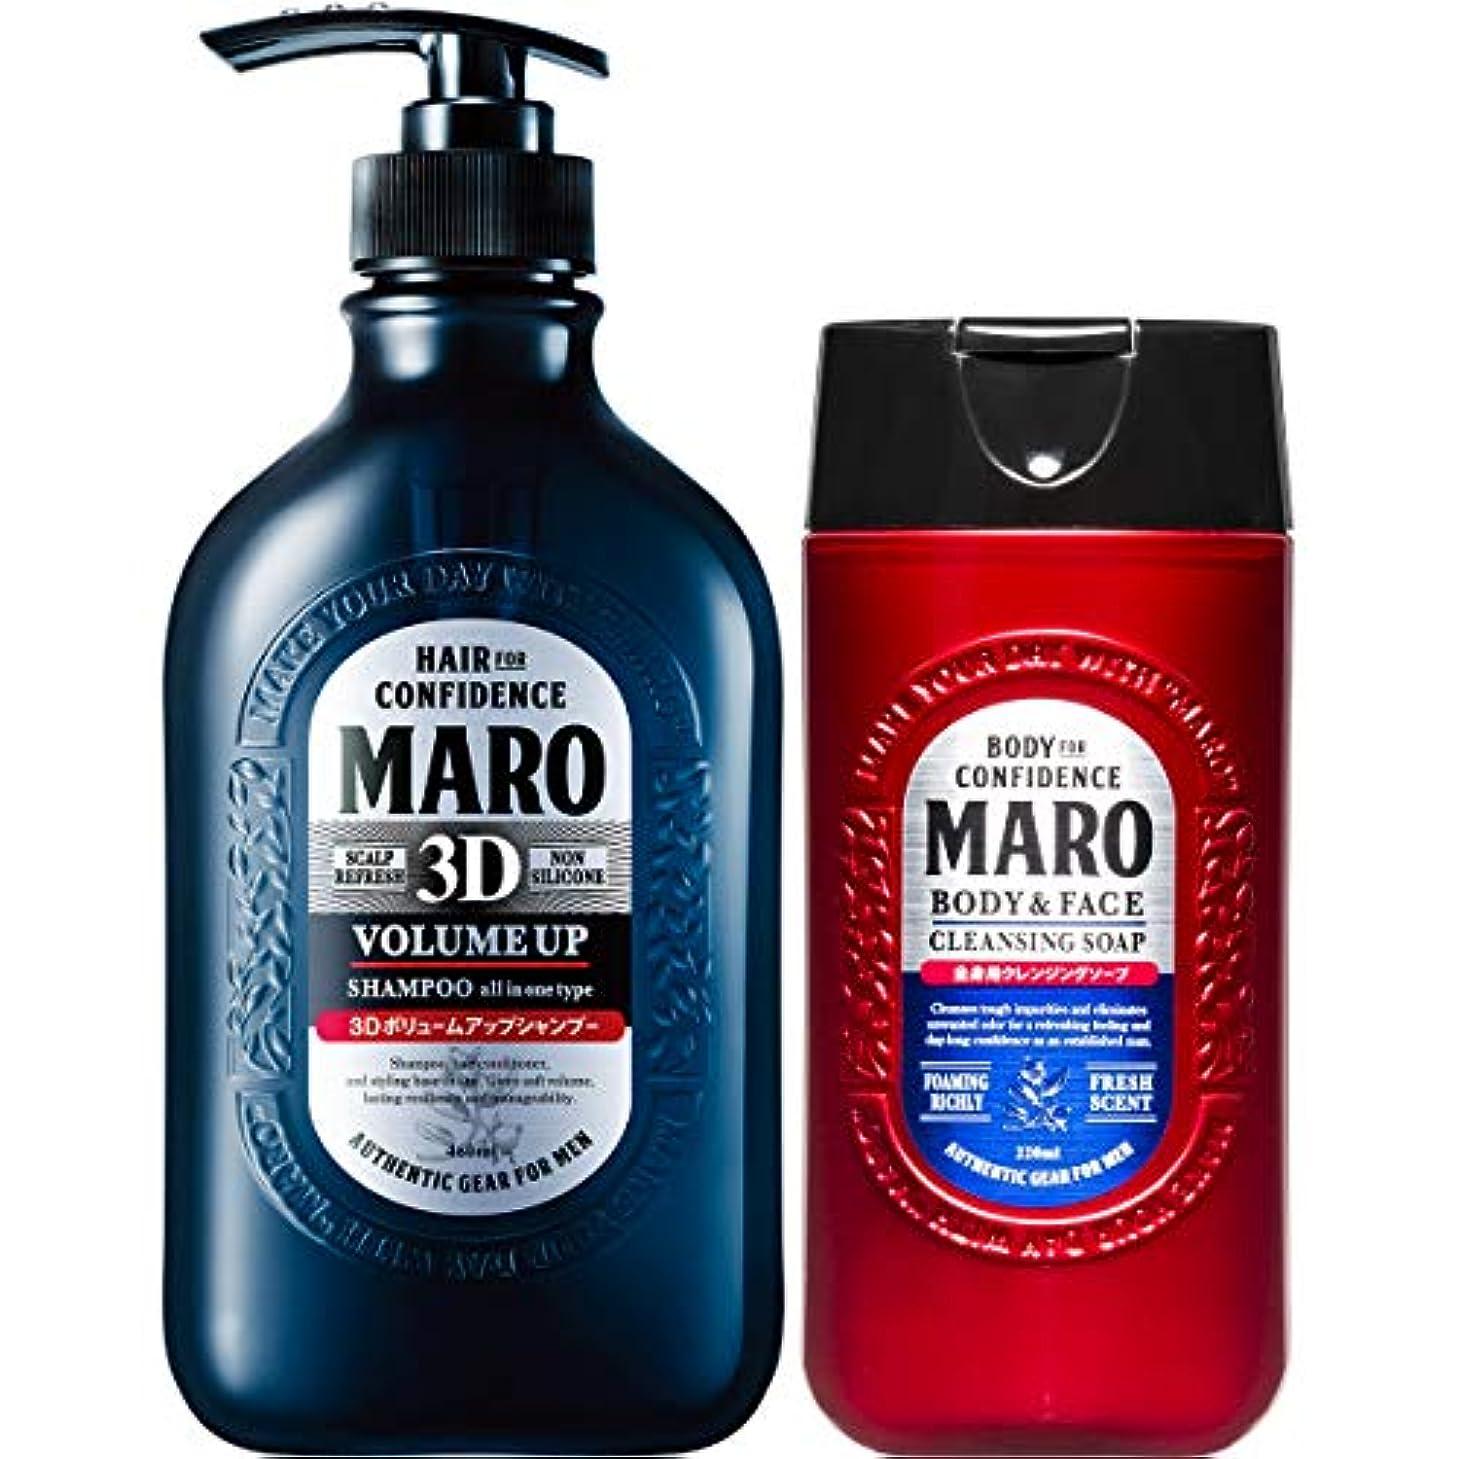 はっきりしない最適アニメーションMARO(マーロ) ボリュームアップシャンプー、クレンジングソープ 本体 460ml+クレンジングソープ220ml